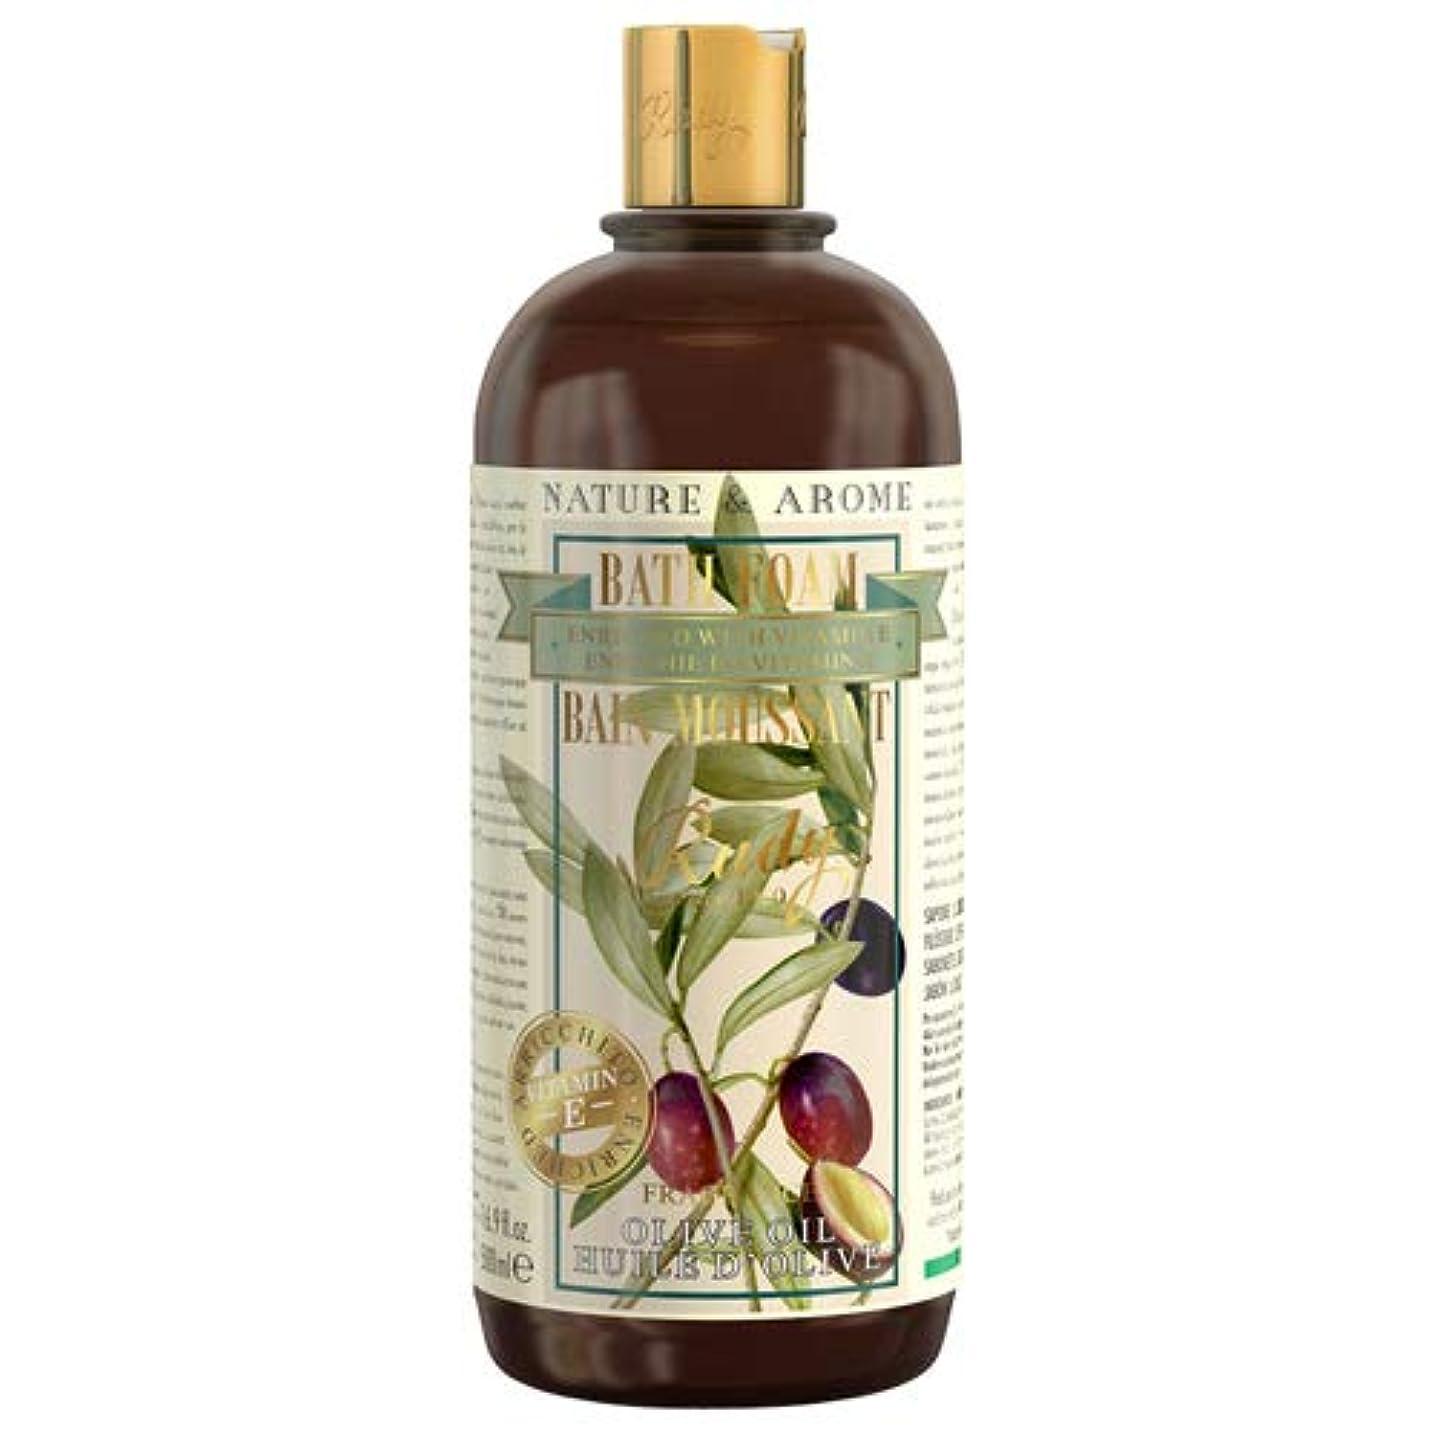 純度過敏な化粧RUDY Nature&Arome Apothecary ネイチャーアロマ アポセカリー Bath & Shower Gel バス&シャワージェル Olive Oil オリーブオイル